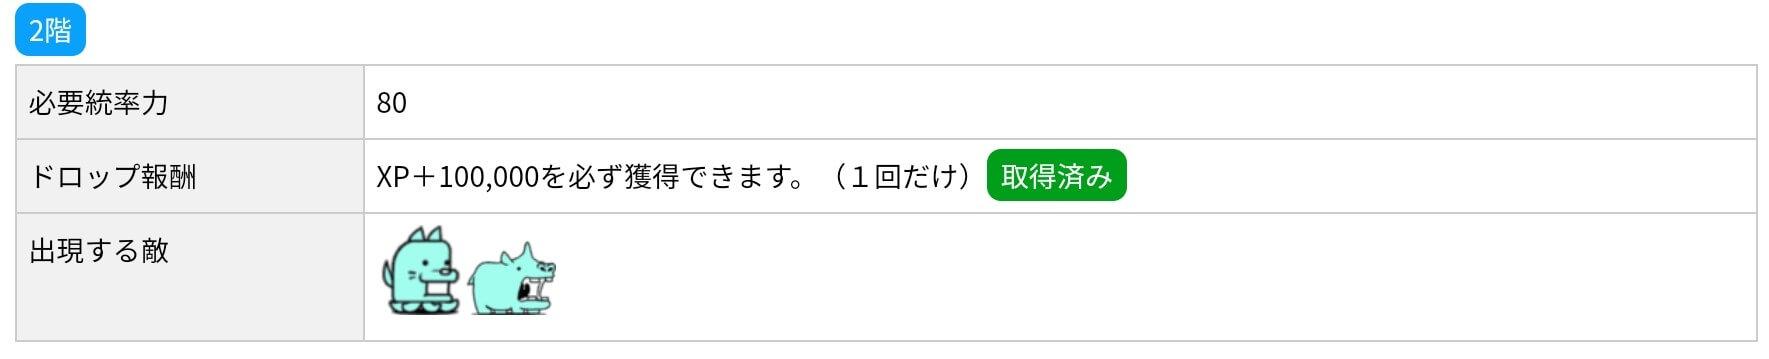 にゃんこ別塔(蒼)2階 敵編成